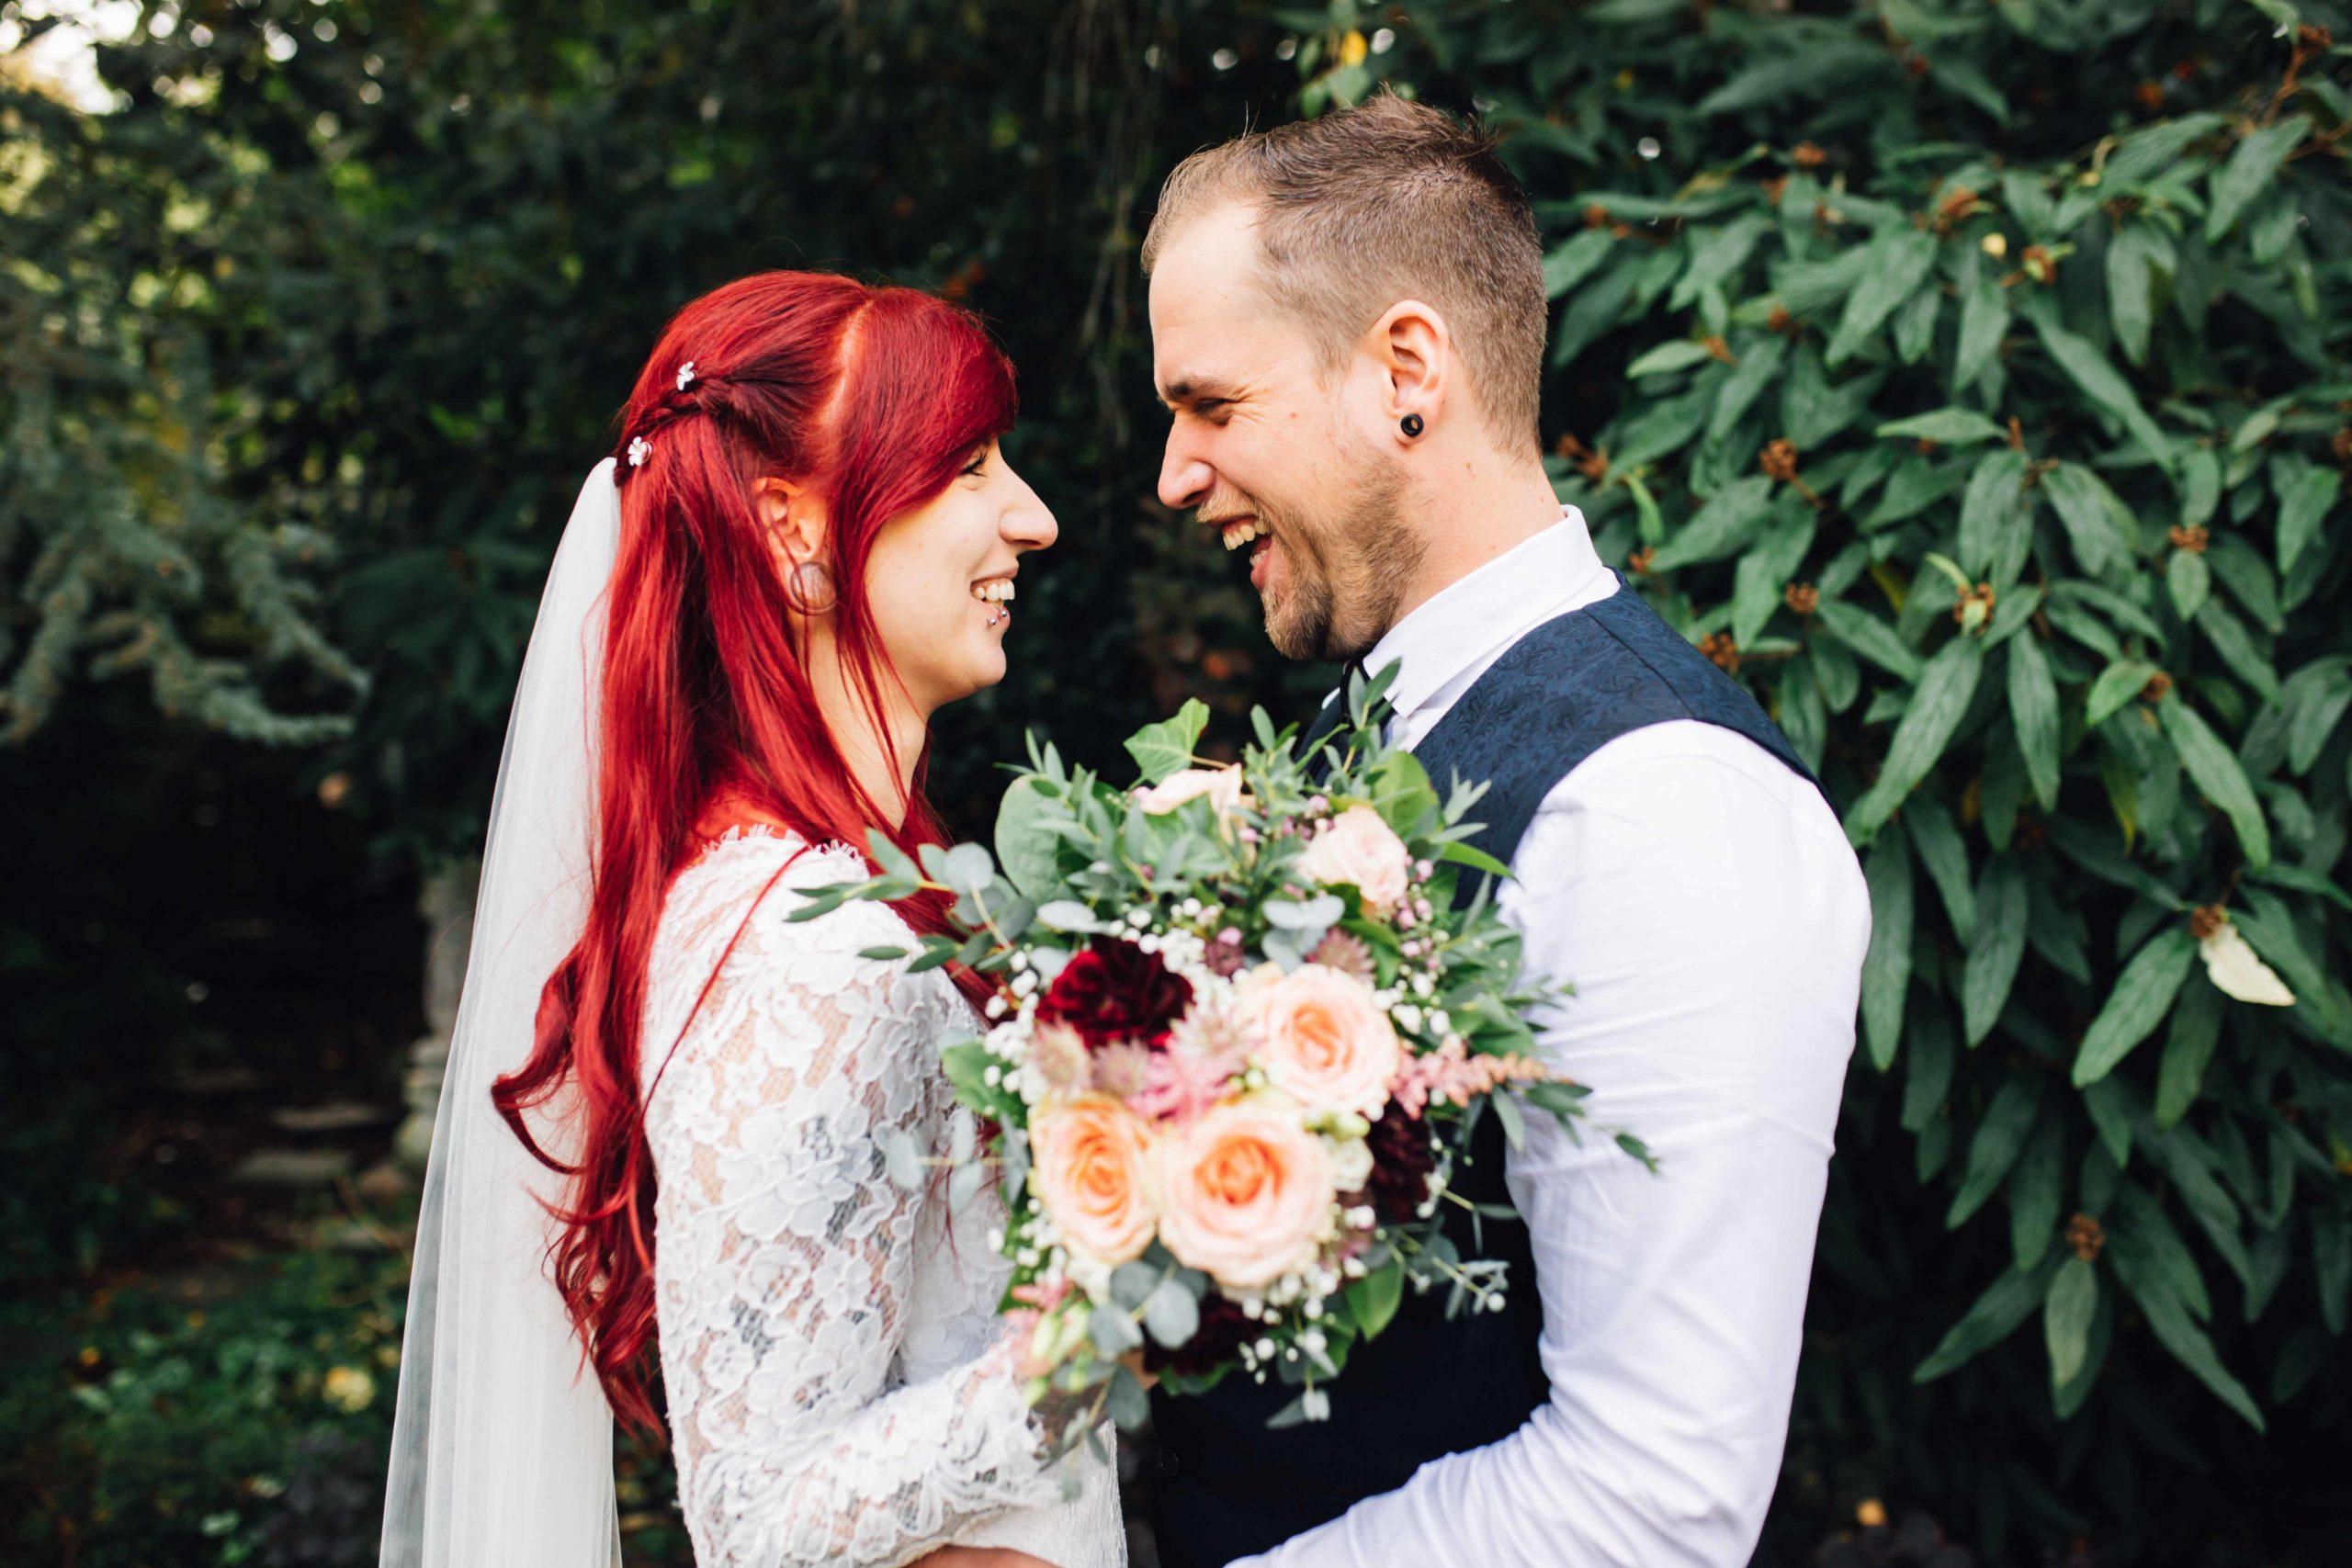 Hochzeit, Standesamt, Trauung, Fotografische Begleitung, Hochzeitsfotograf, Emden, Aurich, Leer